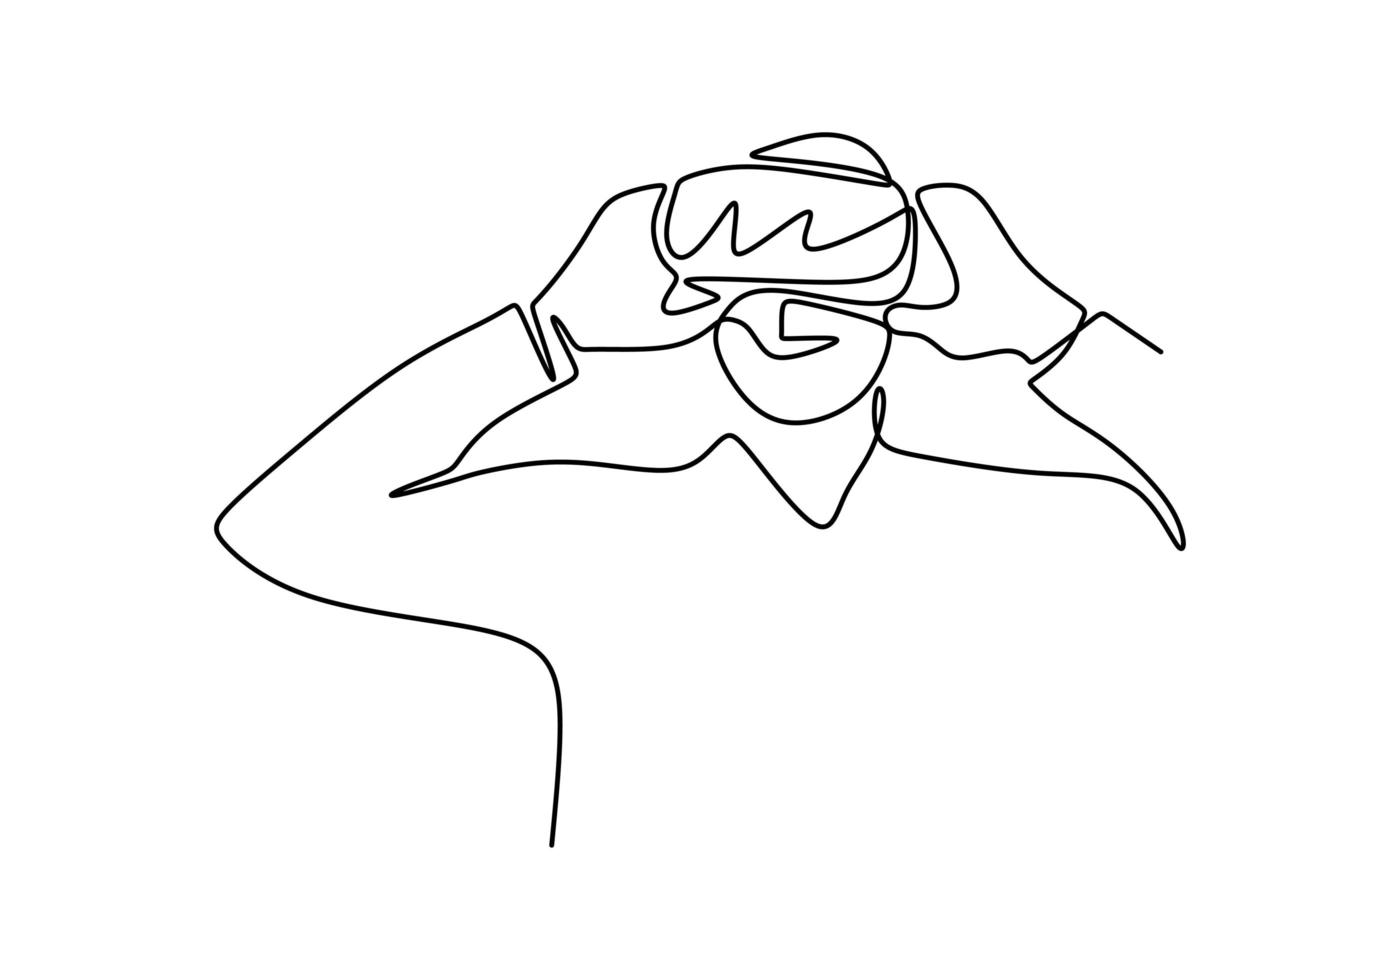 en rad kontinuerlig ritning man i glasögon virtuell verklighet, vektor illustration enkelhet. minimalism handritad elektronisk framtida teknik.